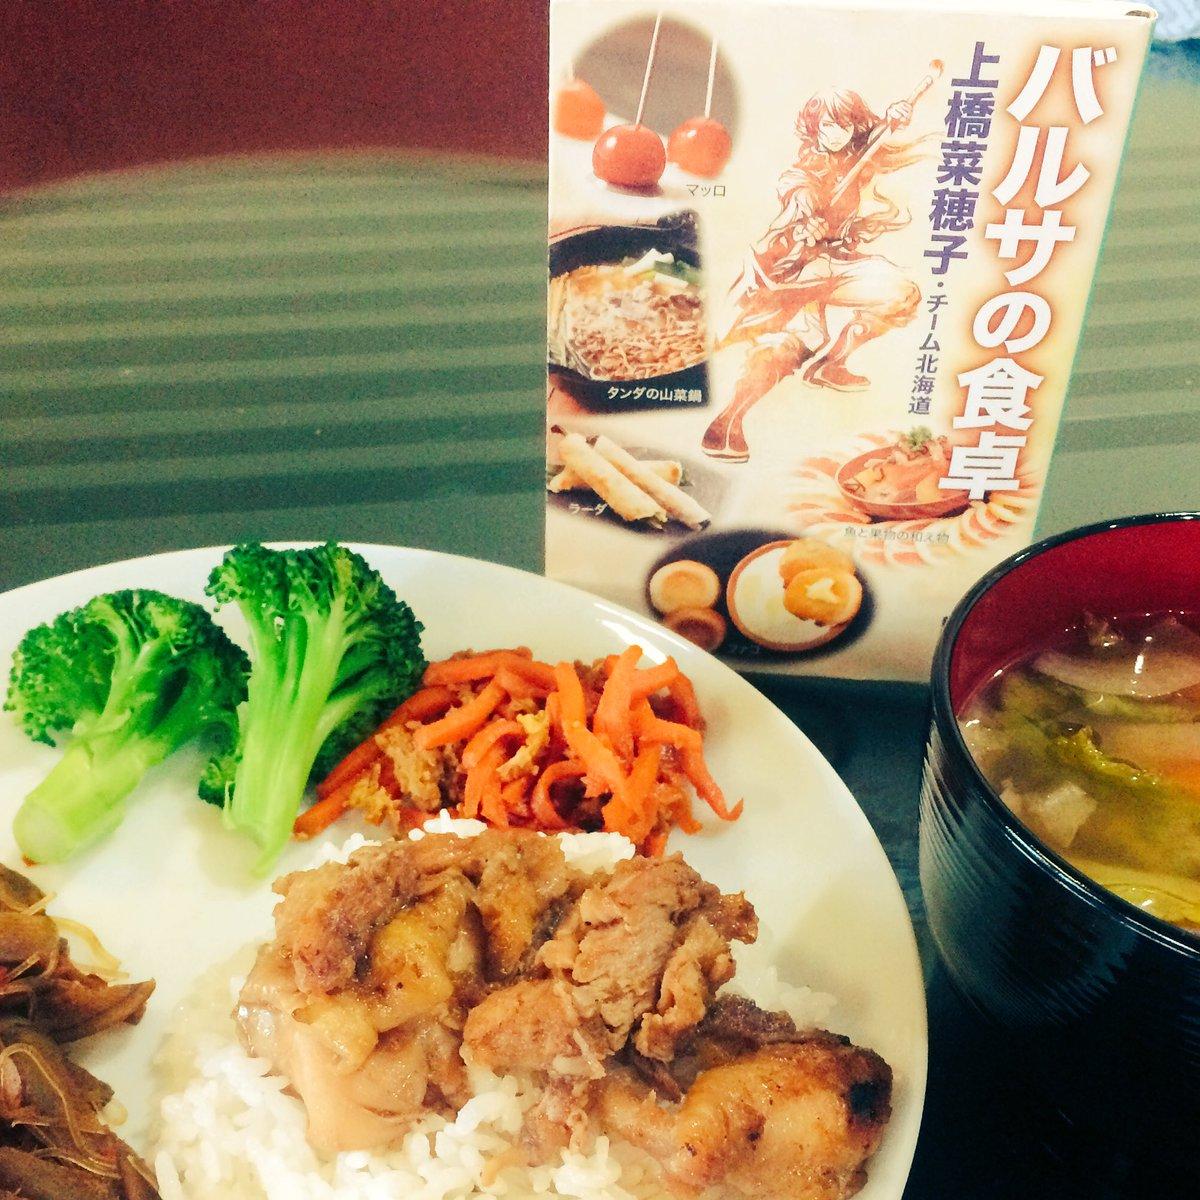 ノギ屋の鳥飯、めちゃくちゃ美味しい。#上橋菜穂子 #精霊の守り人#バルサの食卓 #新潮文庫